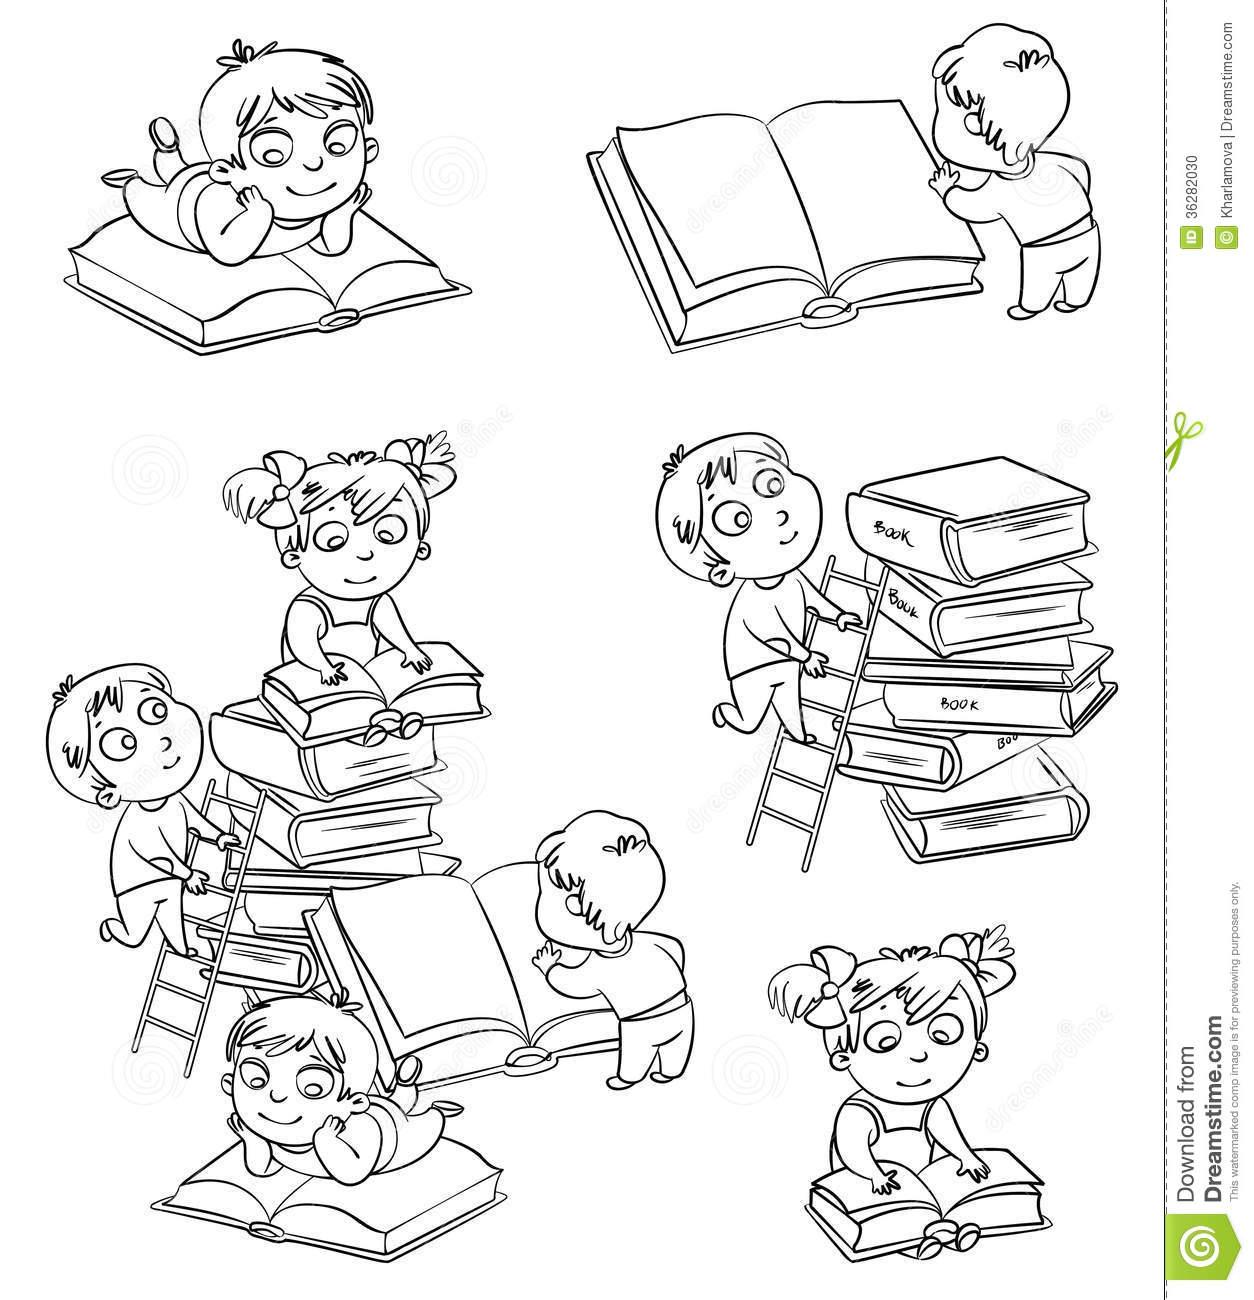 Livres De Lecture D'enfants Dans La Bibliothèque. Livre De concernant Cahier De Coloriage Enfant